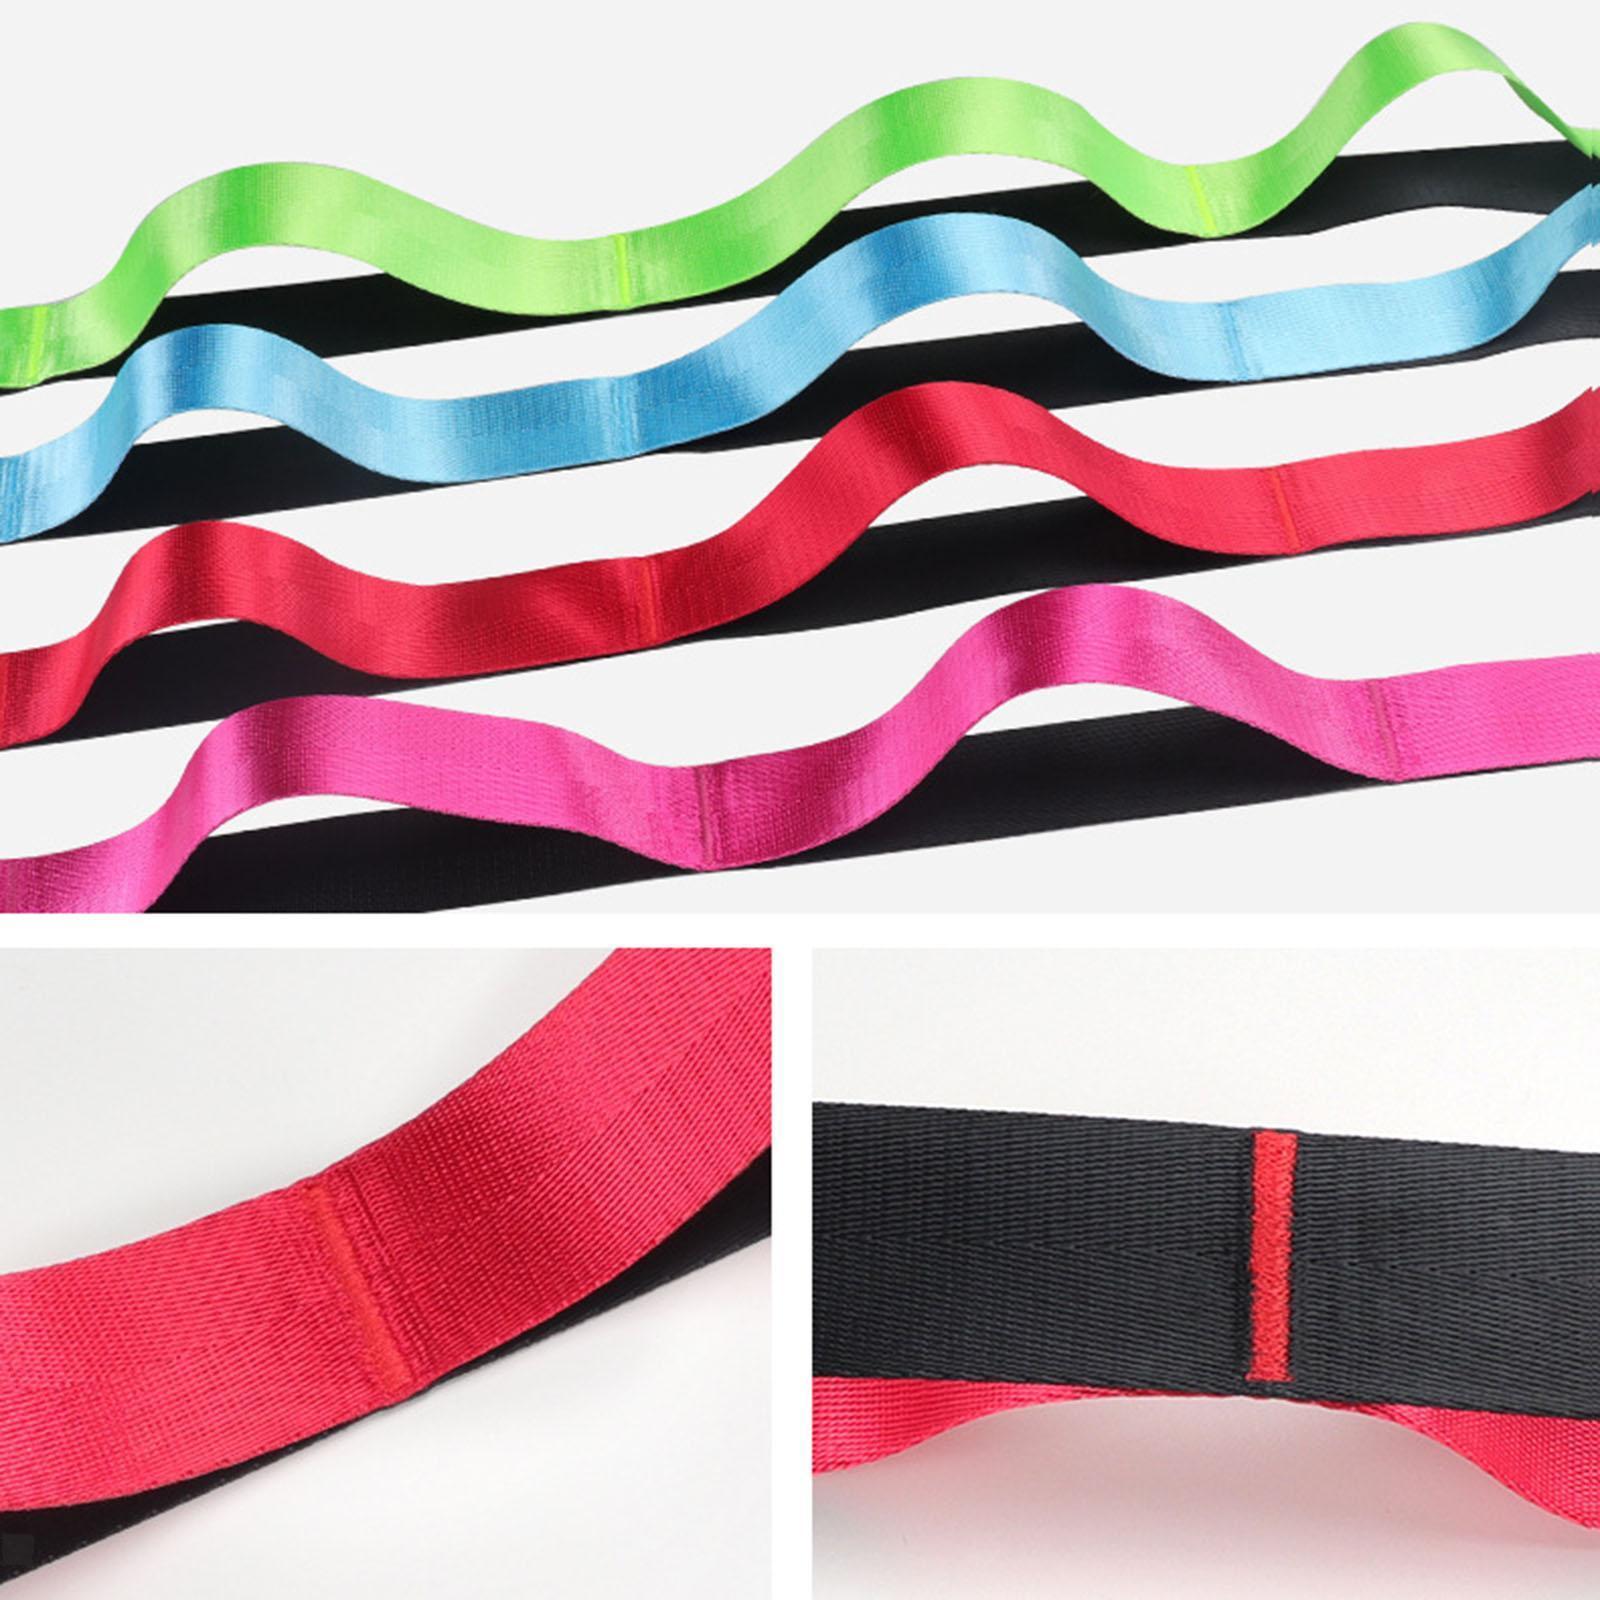 miniatura 43 - Pierna camilla yoga Stretch Strap Latin Dance Gymnastic pull cinturón flexibilidad